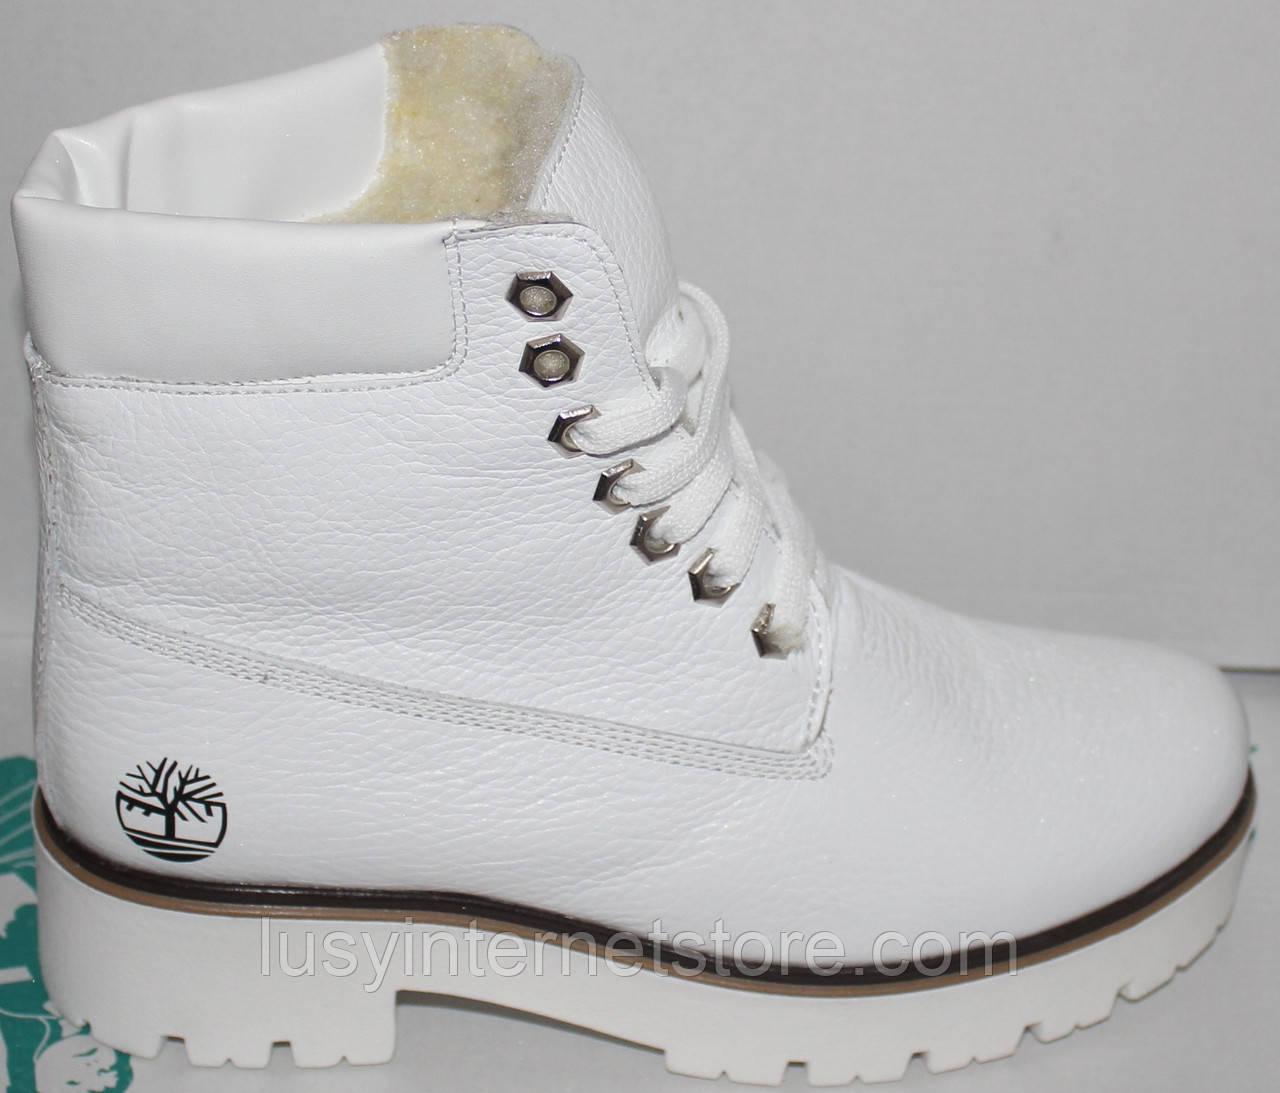 1a111ca90 Ботинки женские зима молодежные белые кожа, ботинки женские молодежные кожа  от производителя модель ГЖ086 -